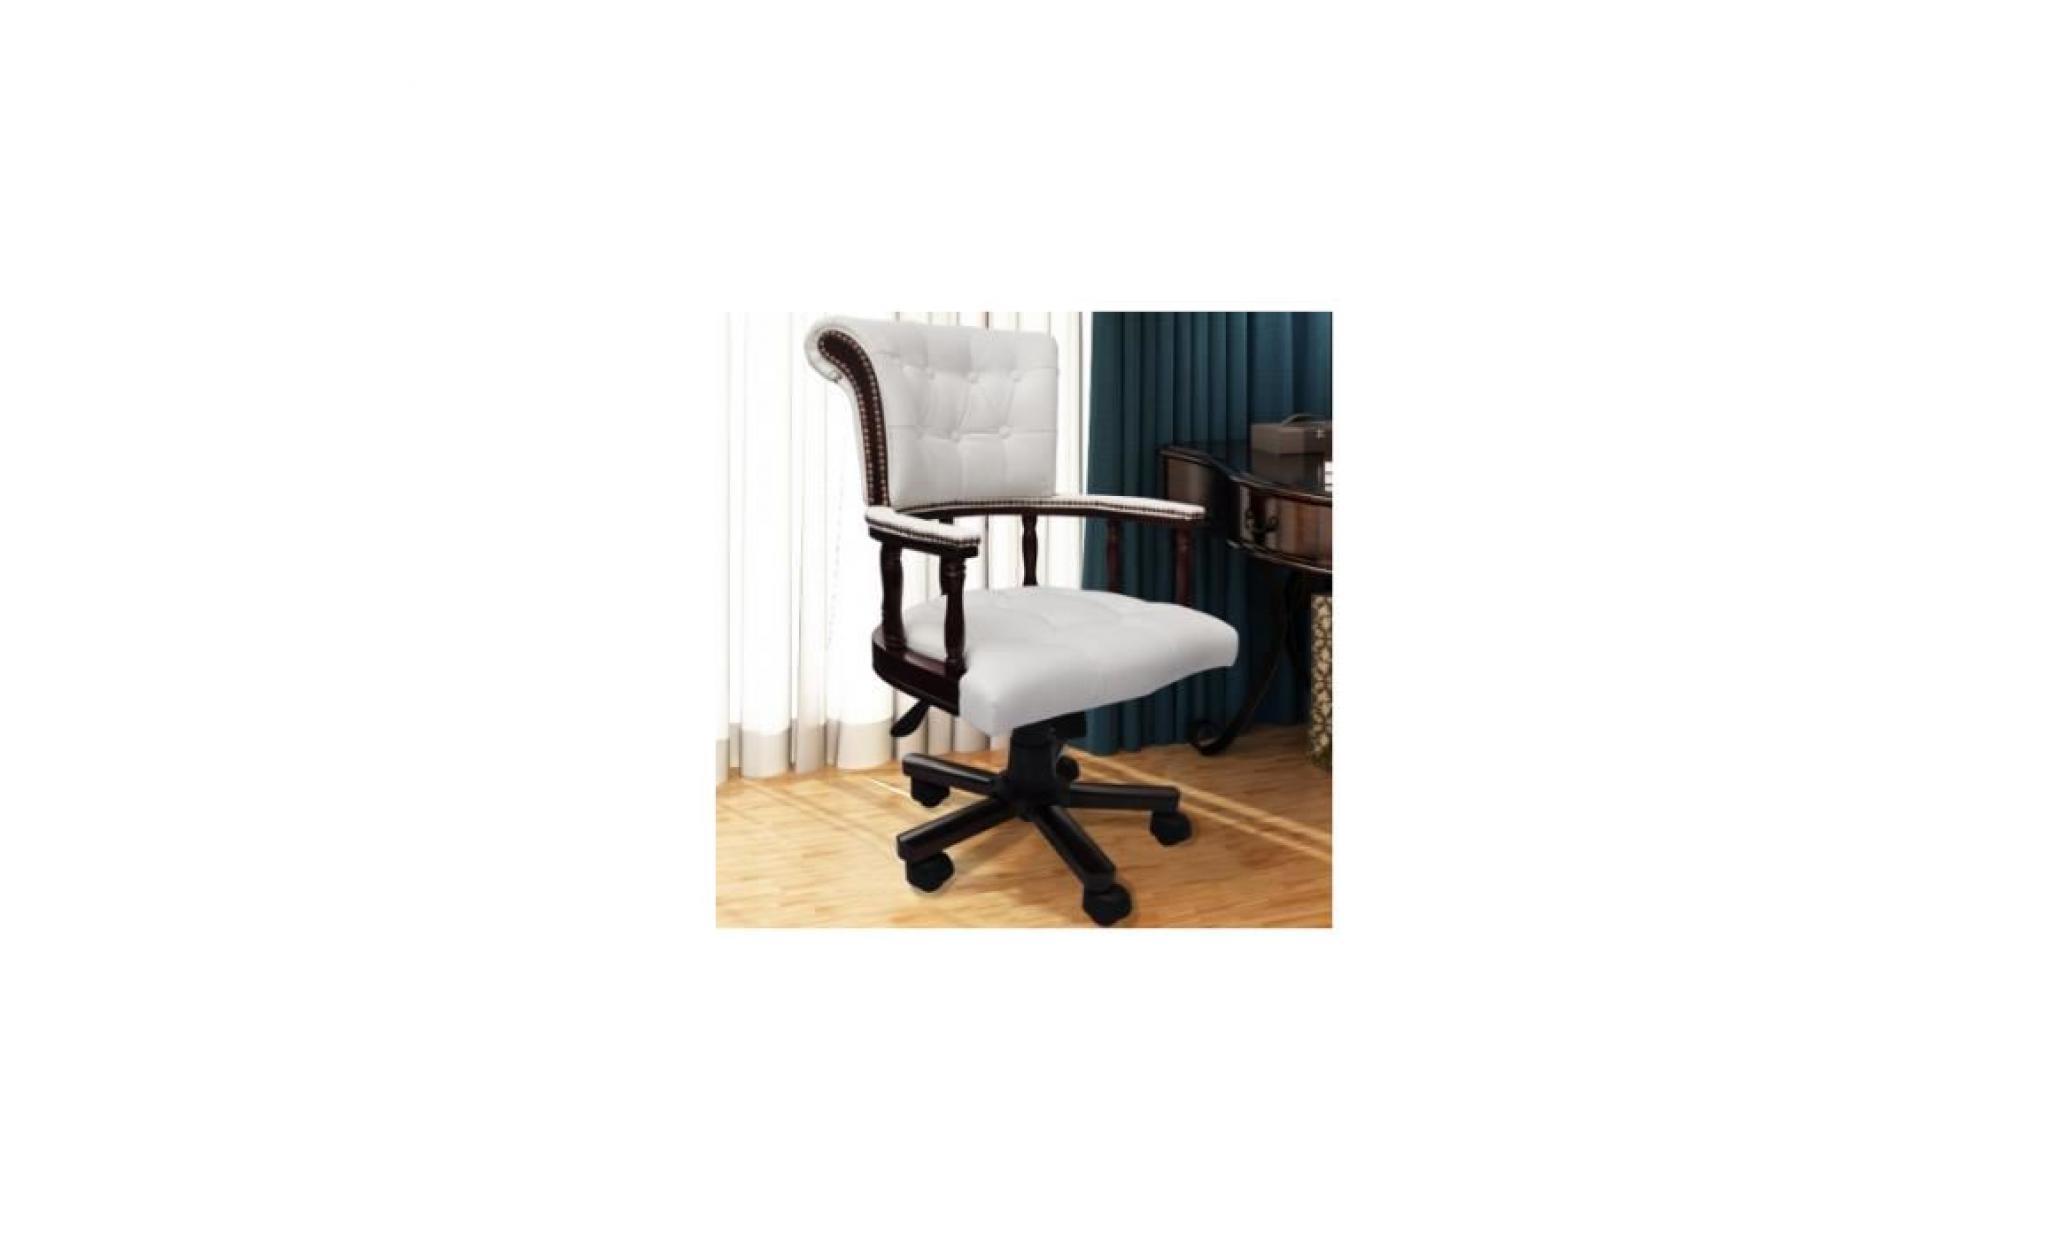 fauteuil en cuir m lang achat vente fauteuil pas cher couleur et. Black Bedroom Furniture Sets. Home Design Ideas